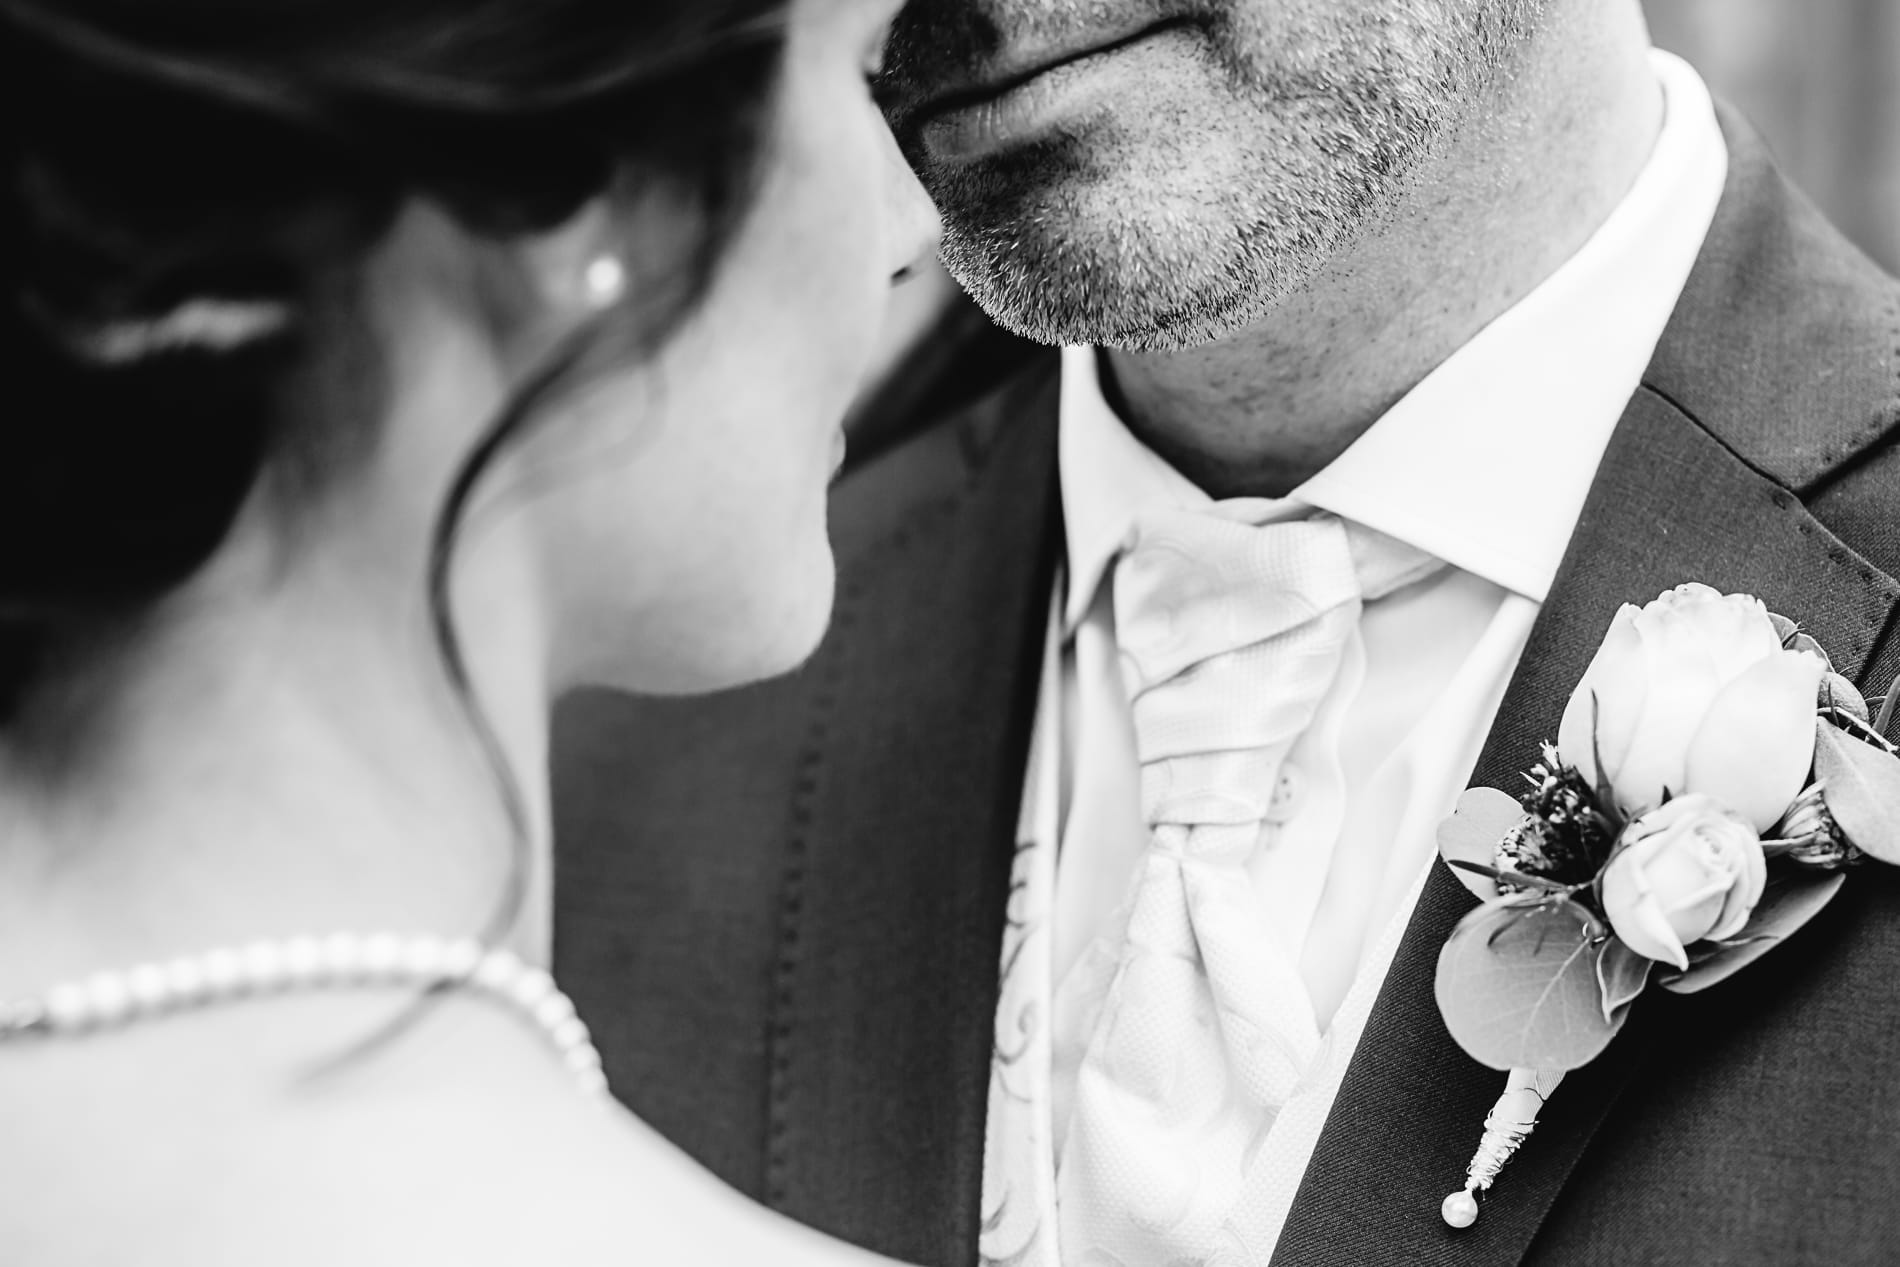 Karoline und Thomas, Hochzeitsfotograf Berkenthin bei Lübeck, emotionale Hochzeitsreportagen in Schleswig-Holstein bis Paris